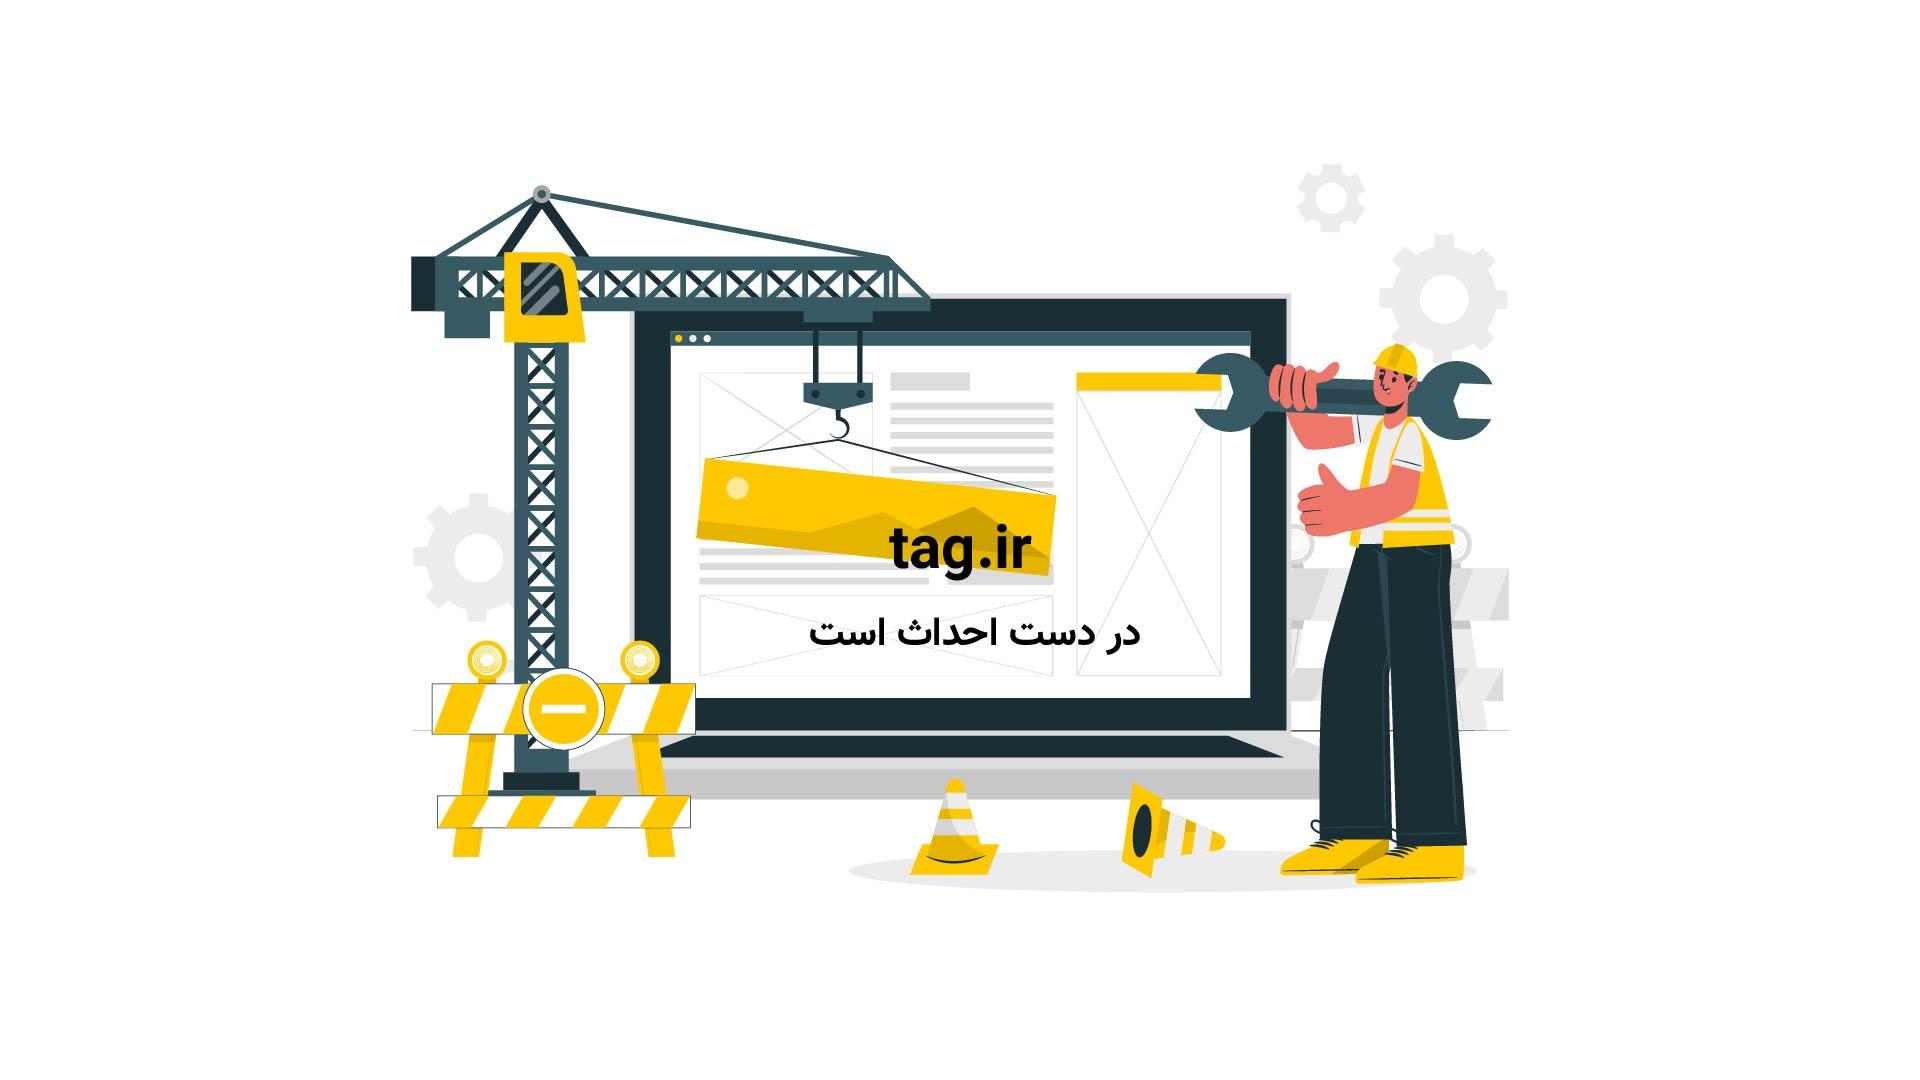 خطرناک؛ کار عجیب درآوردن چرخ های ماشین روی دو چرخ | فیلم